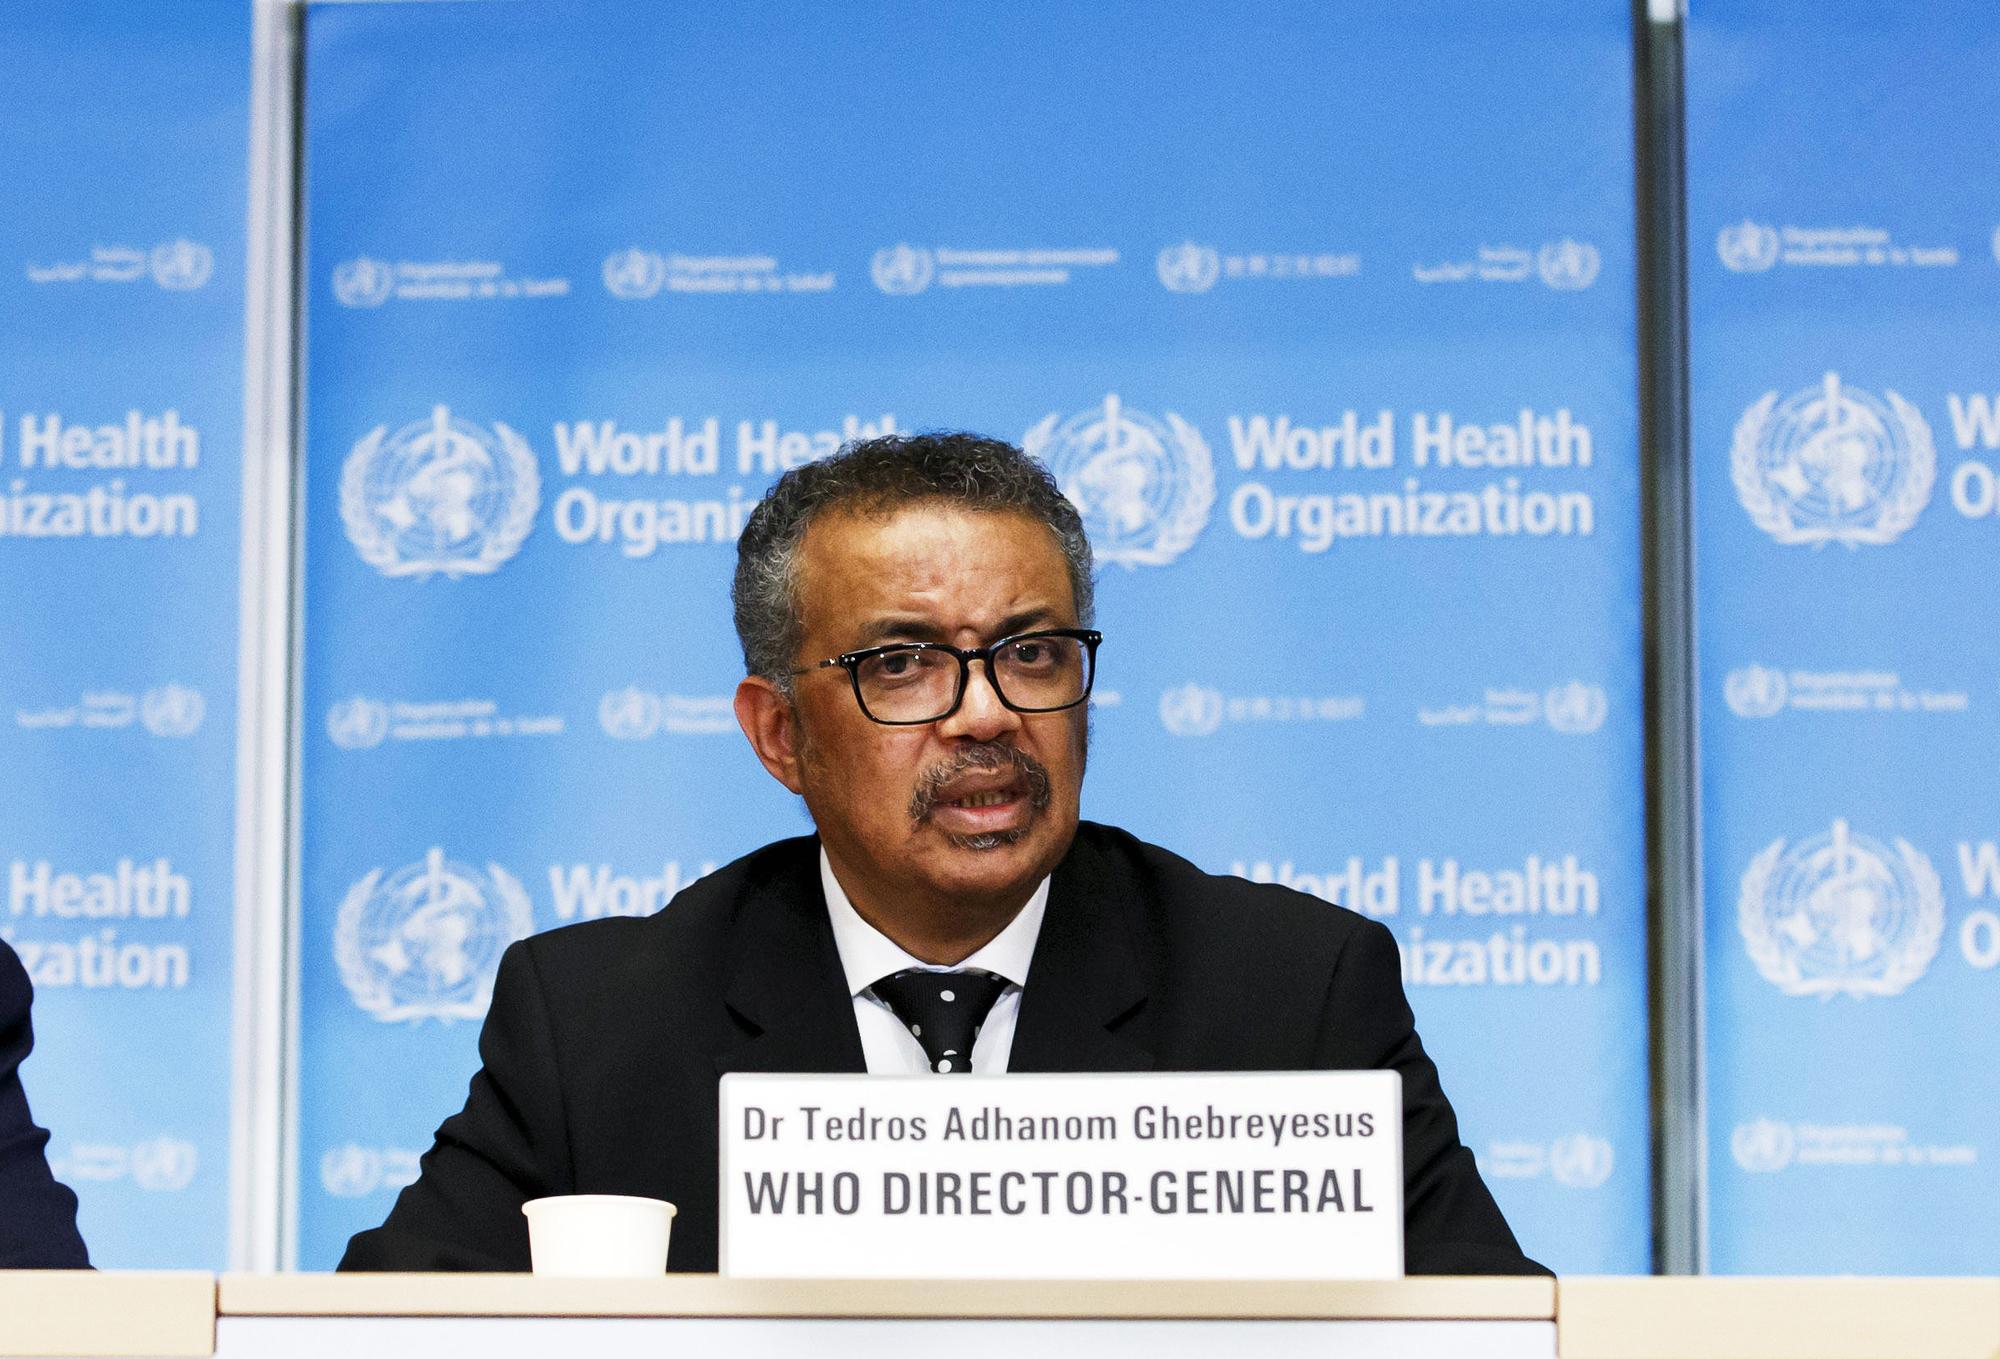 Le directeur général de l'OMS, Tedros Adhanom Ghebreyesus, à Genève, le 10 février 2020.